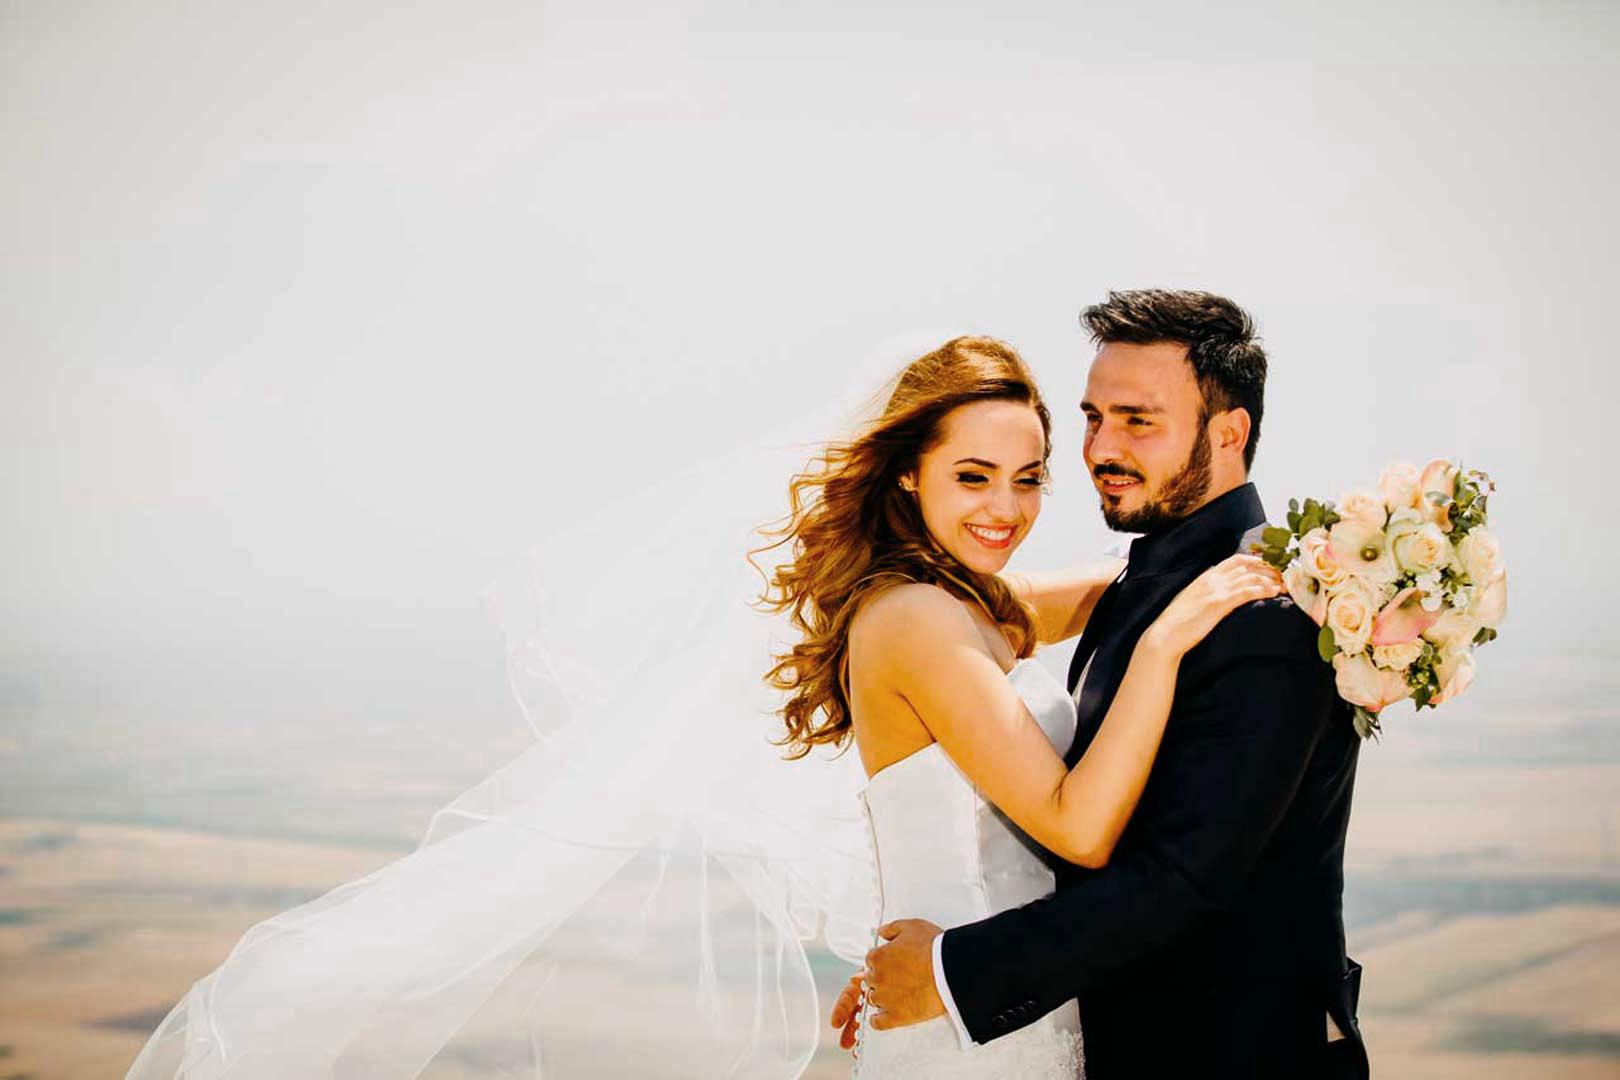 021-matrimonio-gianni-lepore-fotografo